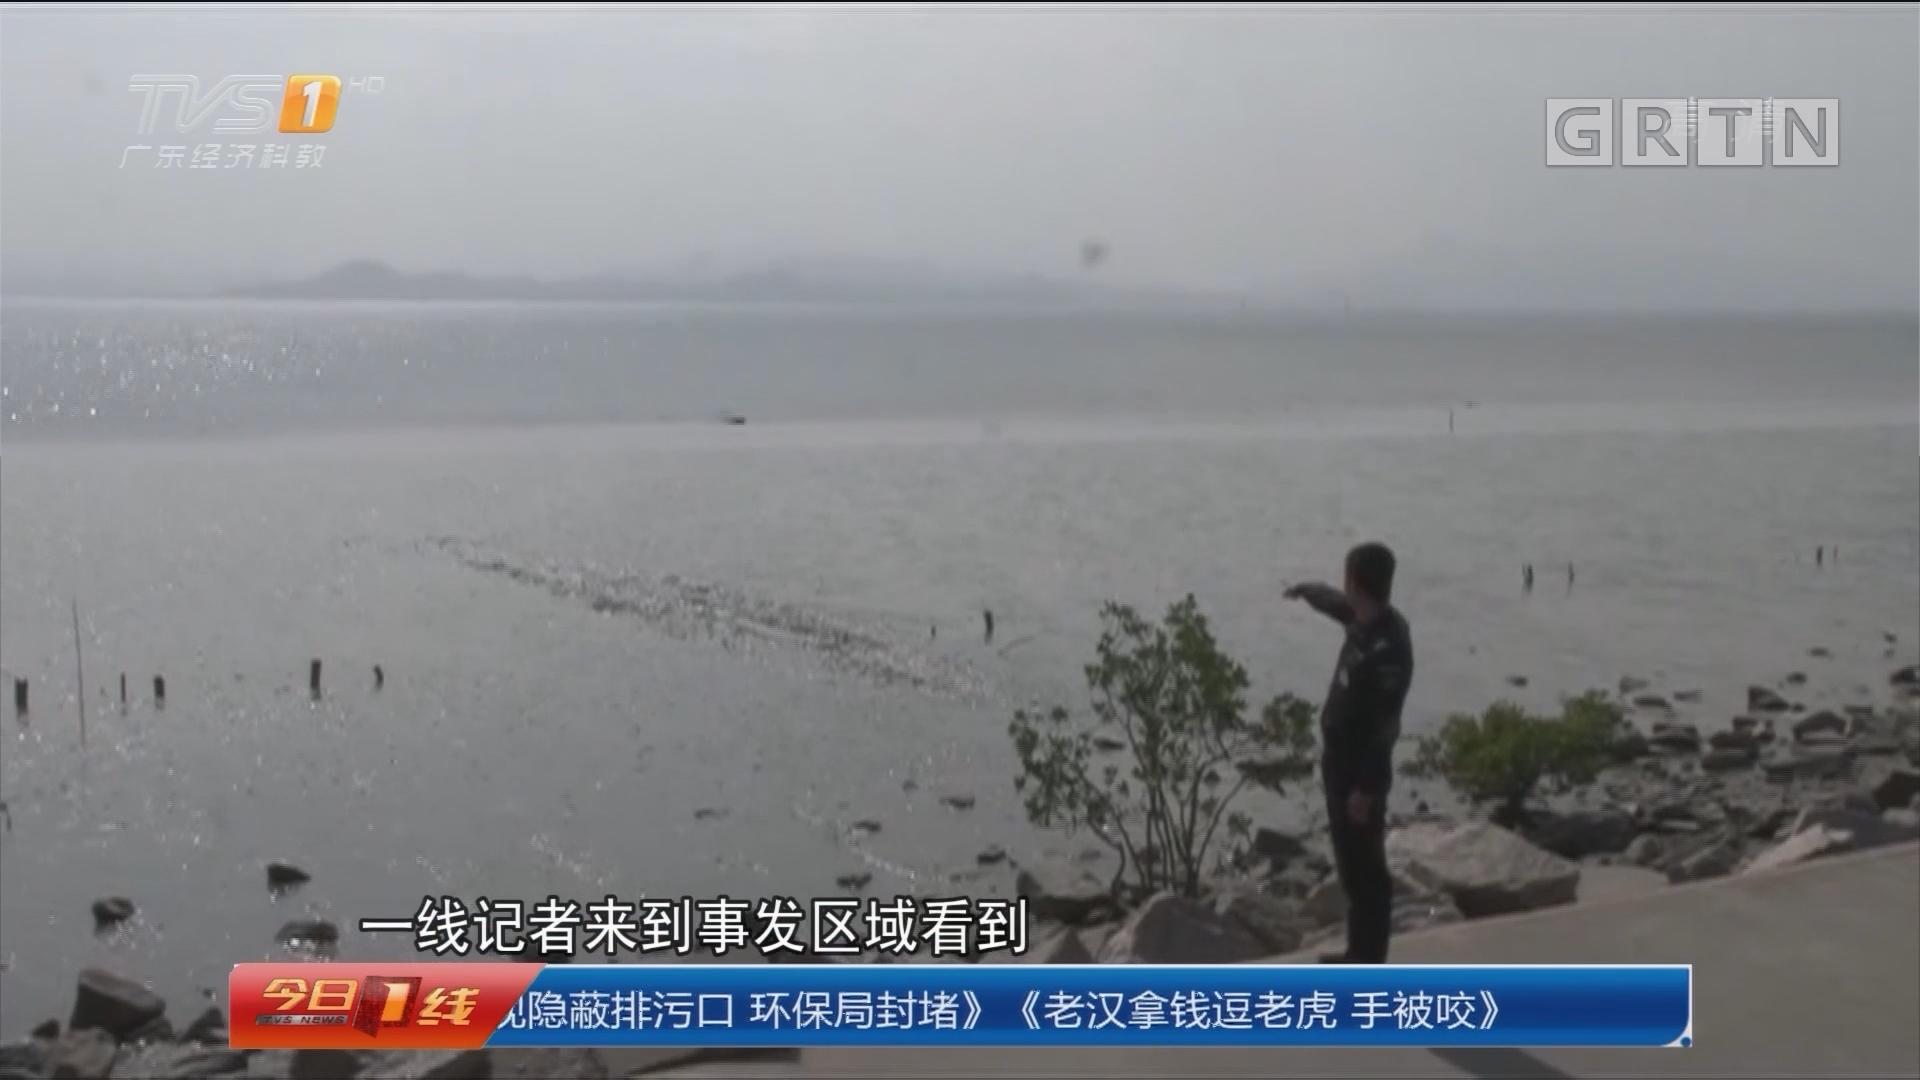 深圳南山:男子深陷淤泥无法自拔 众人急施援手